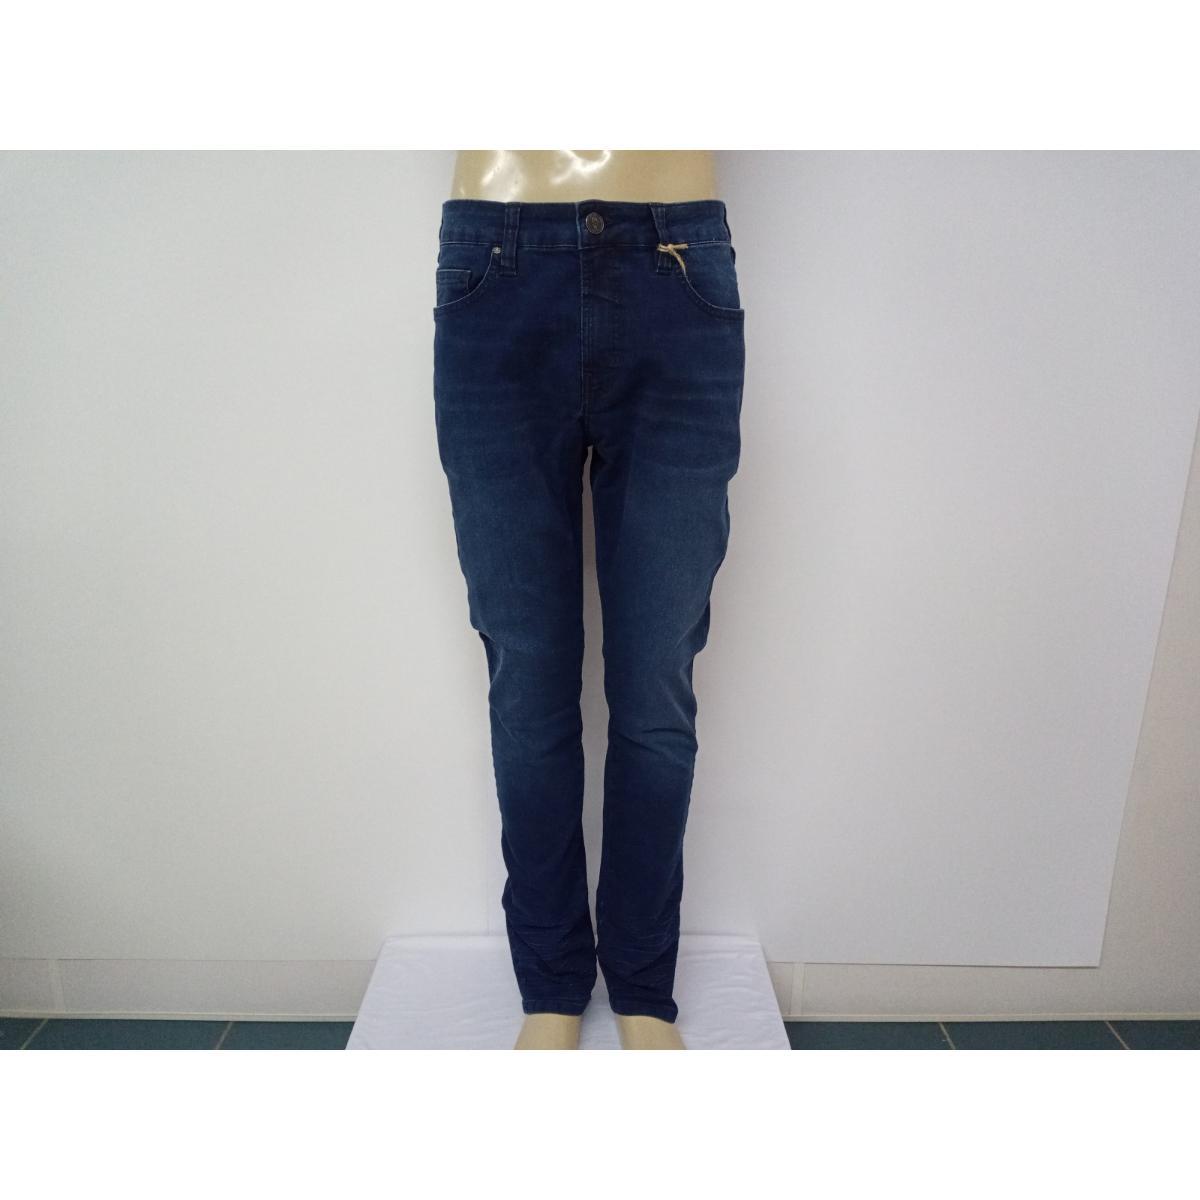 Calça Masculina Colcci 10106240 600 Jeans